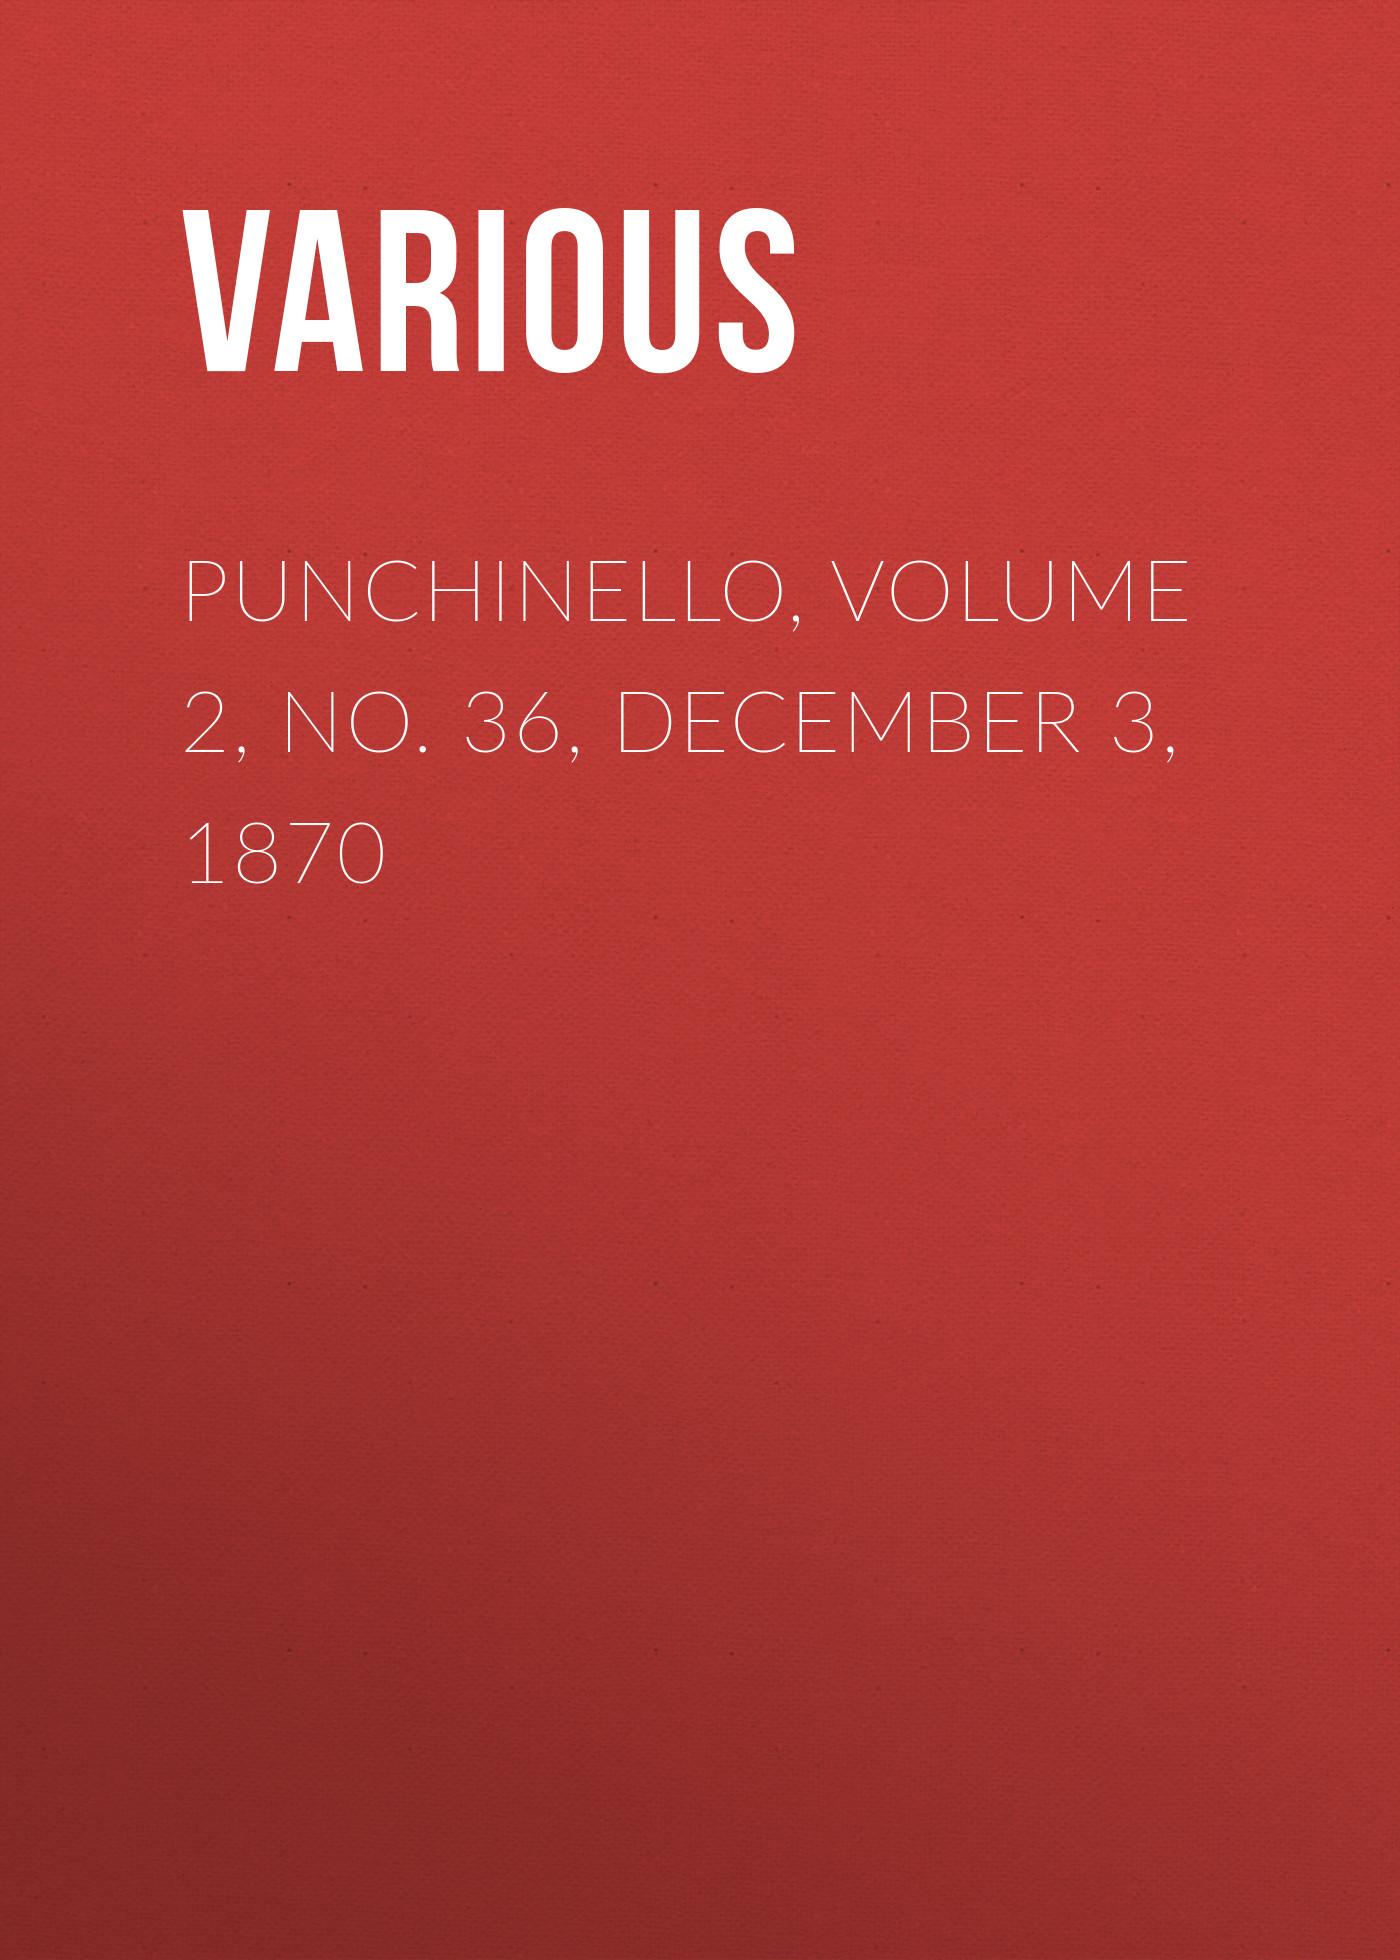 Punchinello, Volume 2, No. 36, December 3, 1870